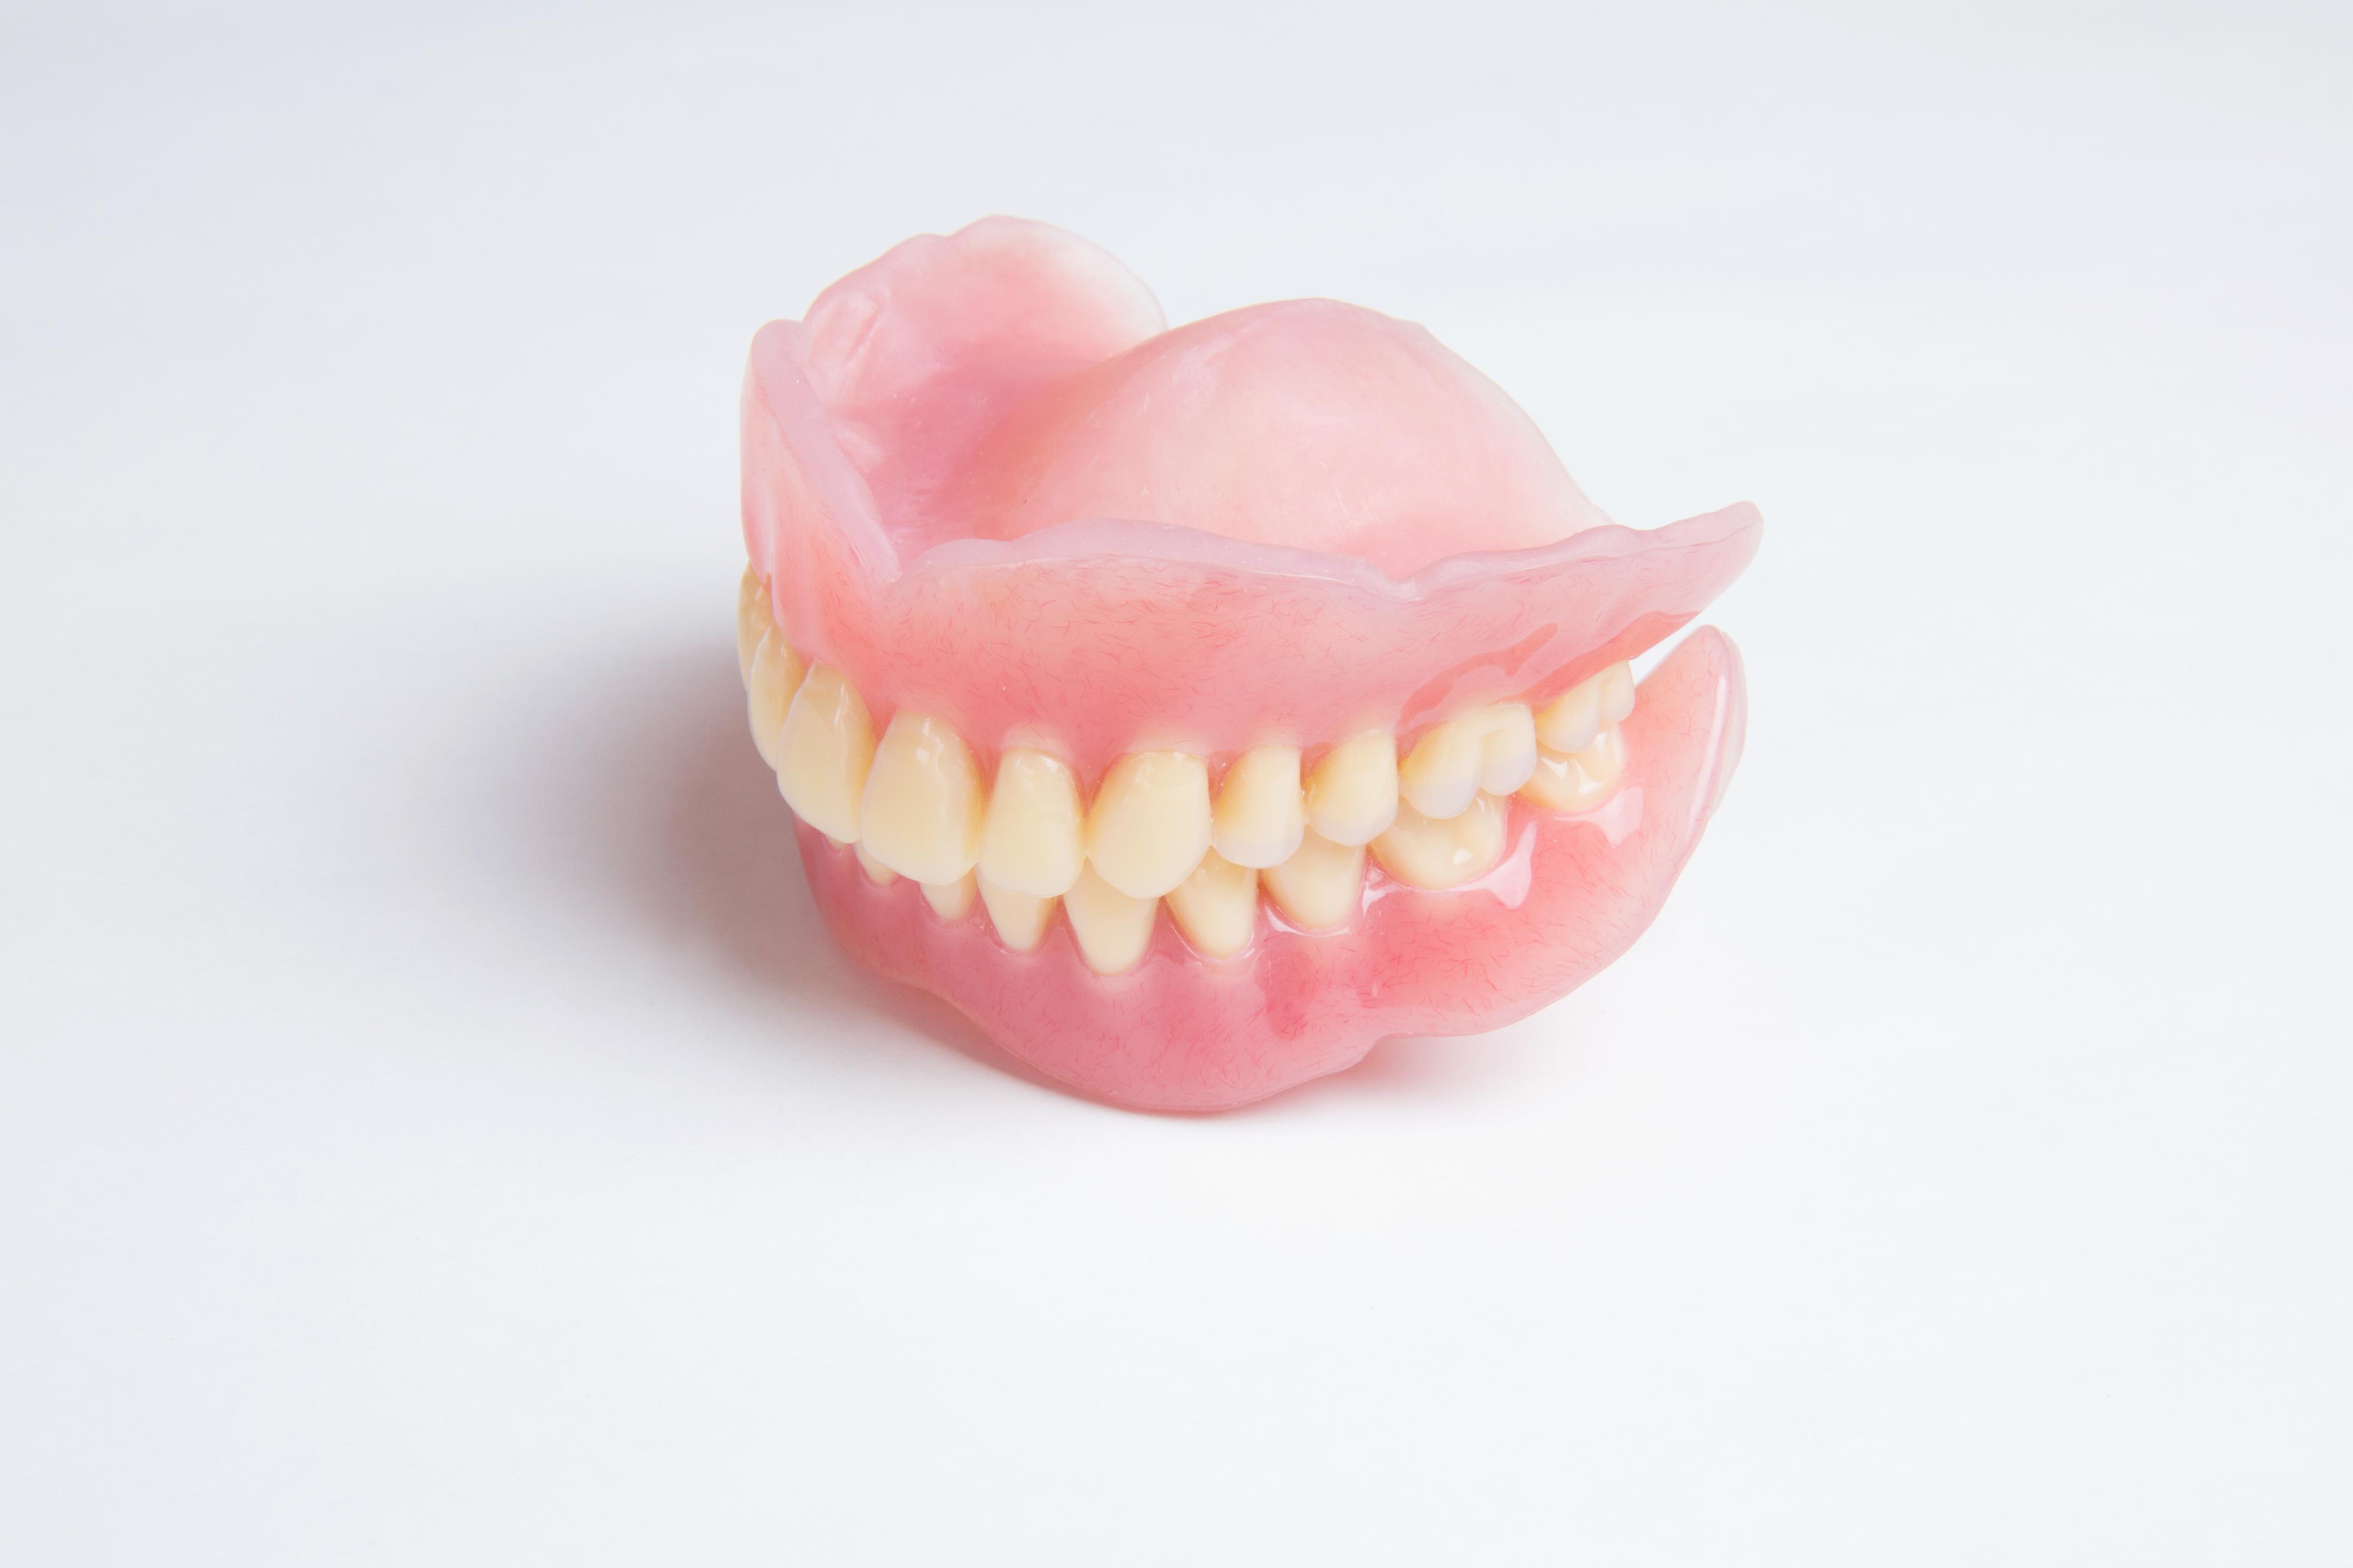 全歯欠損(総入れ歯など)の場合